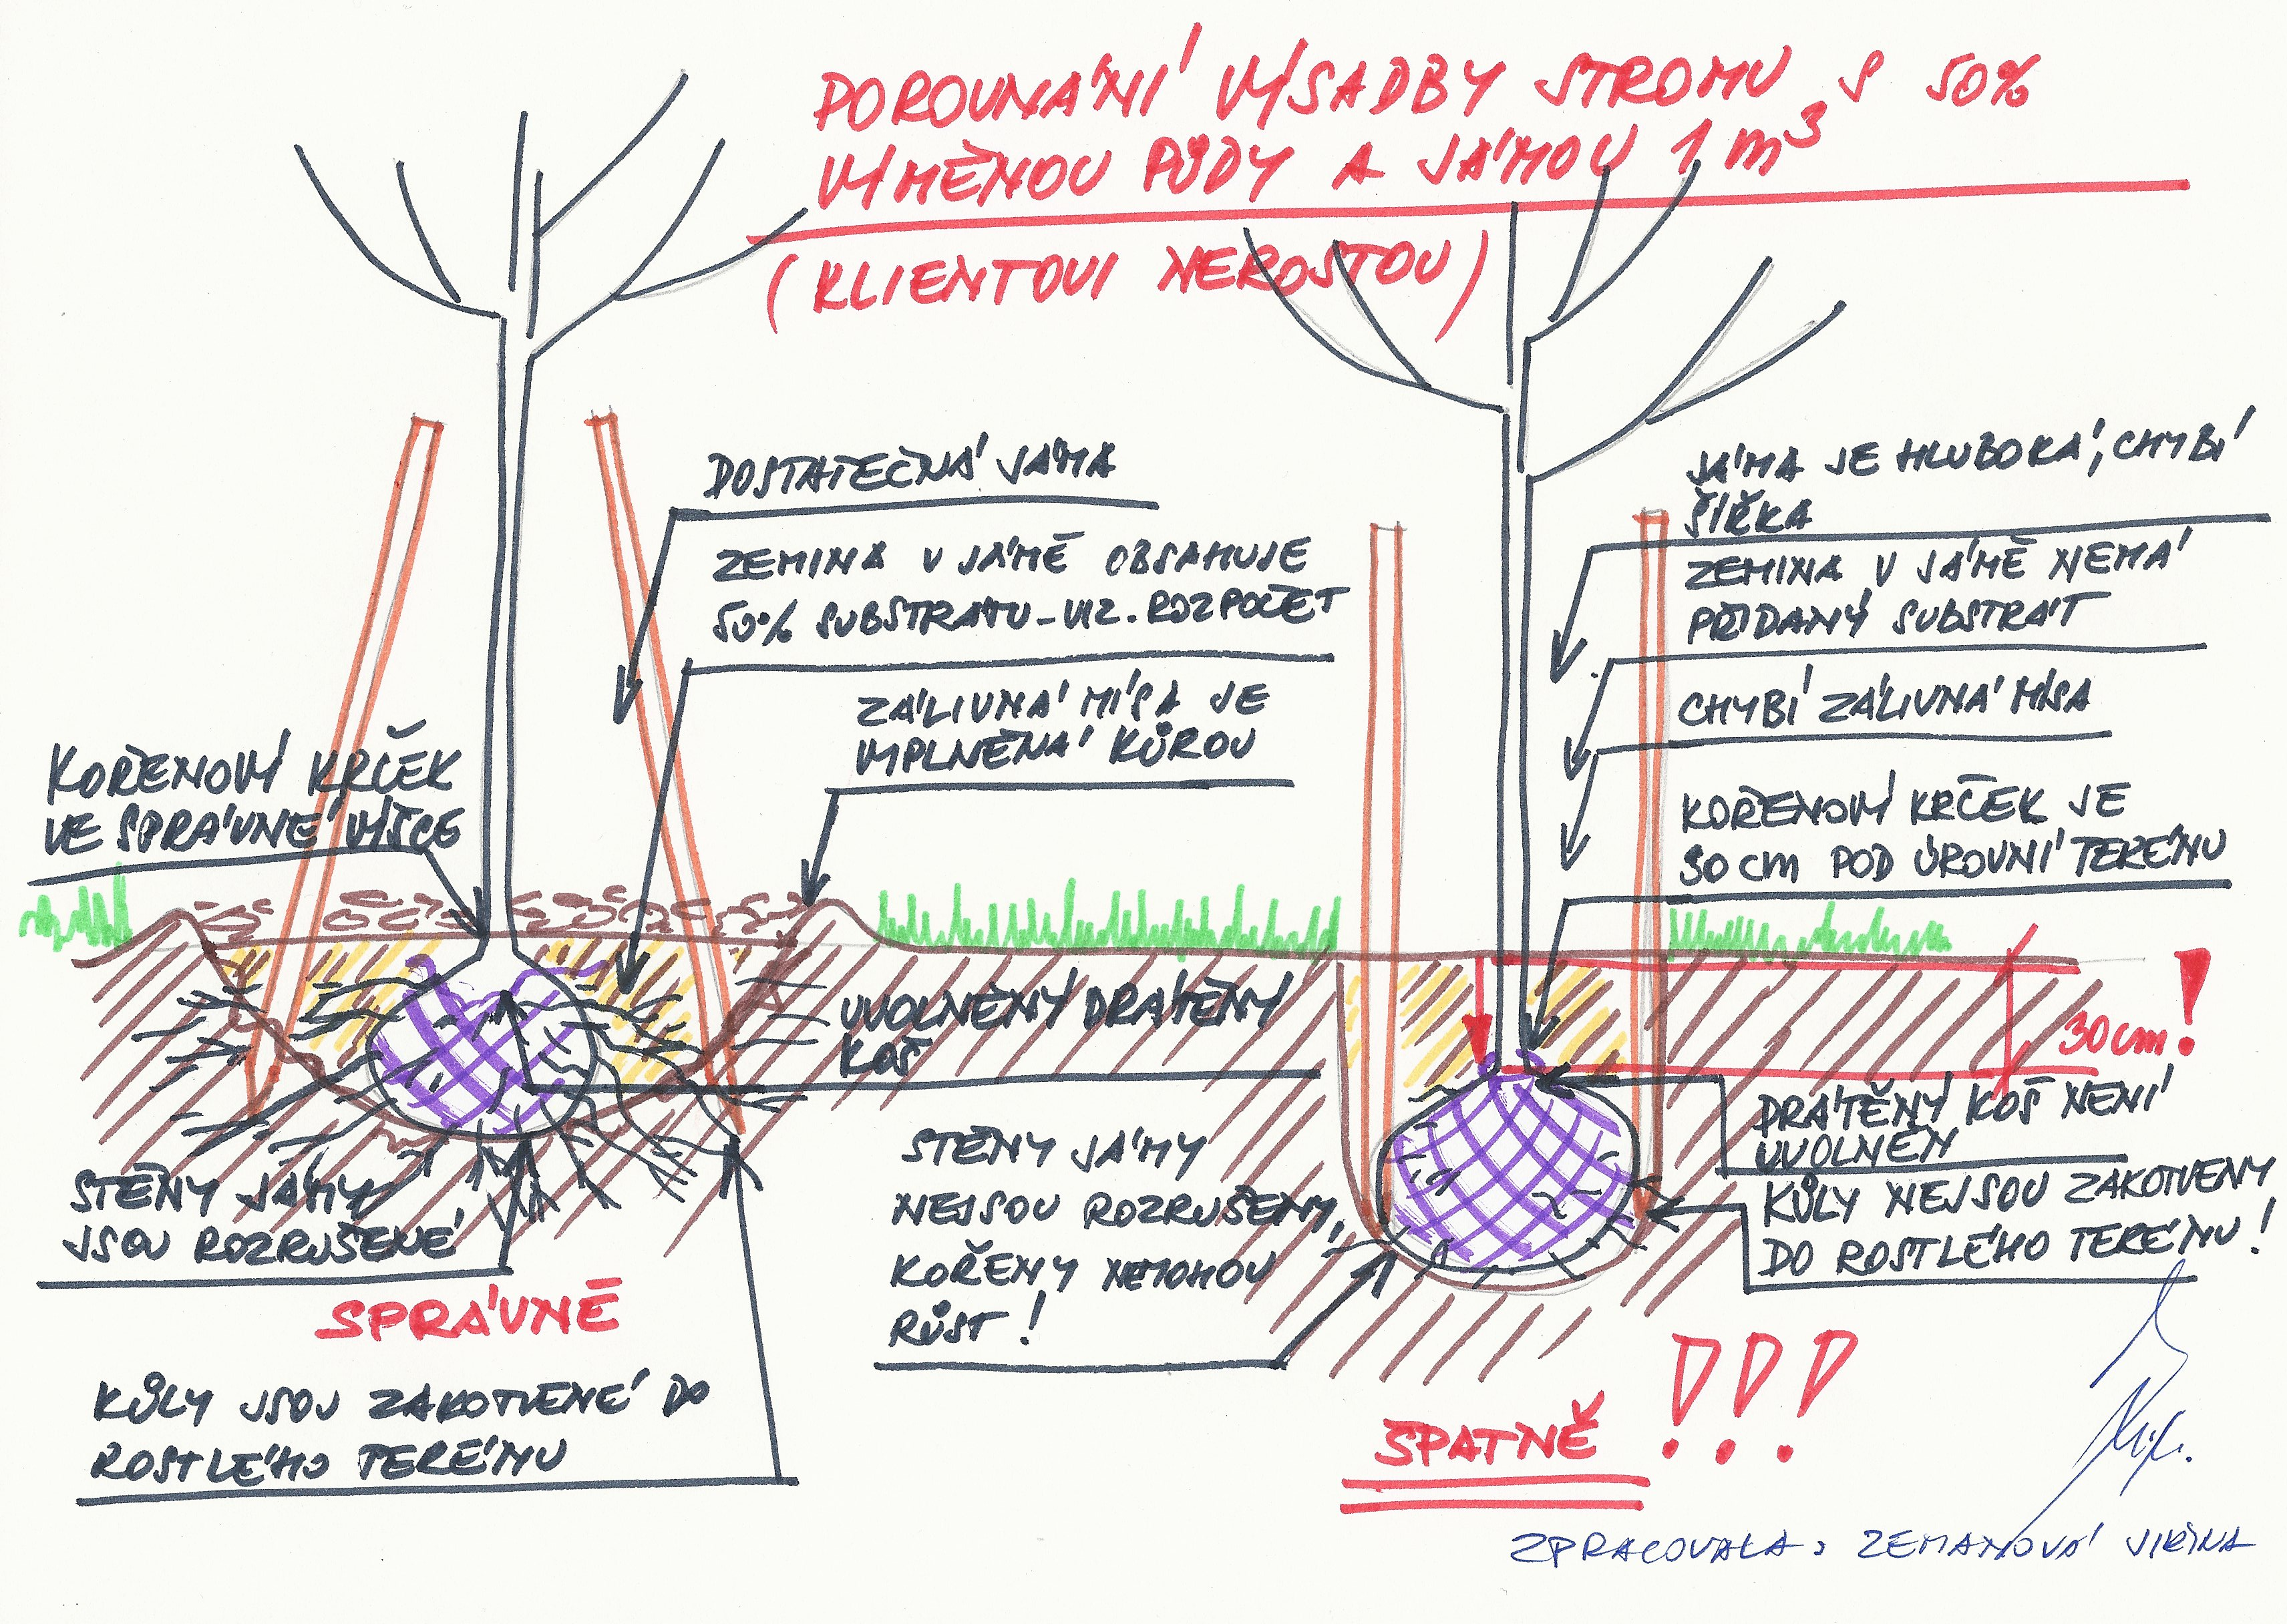 porovnání výsadby stromu